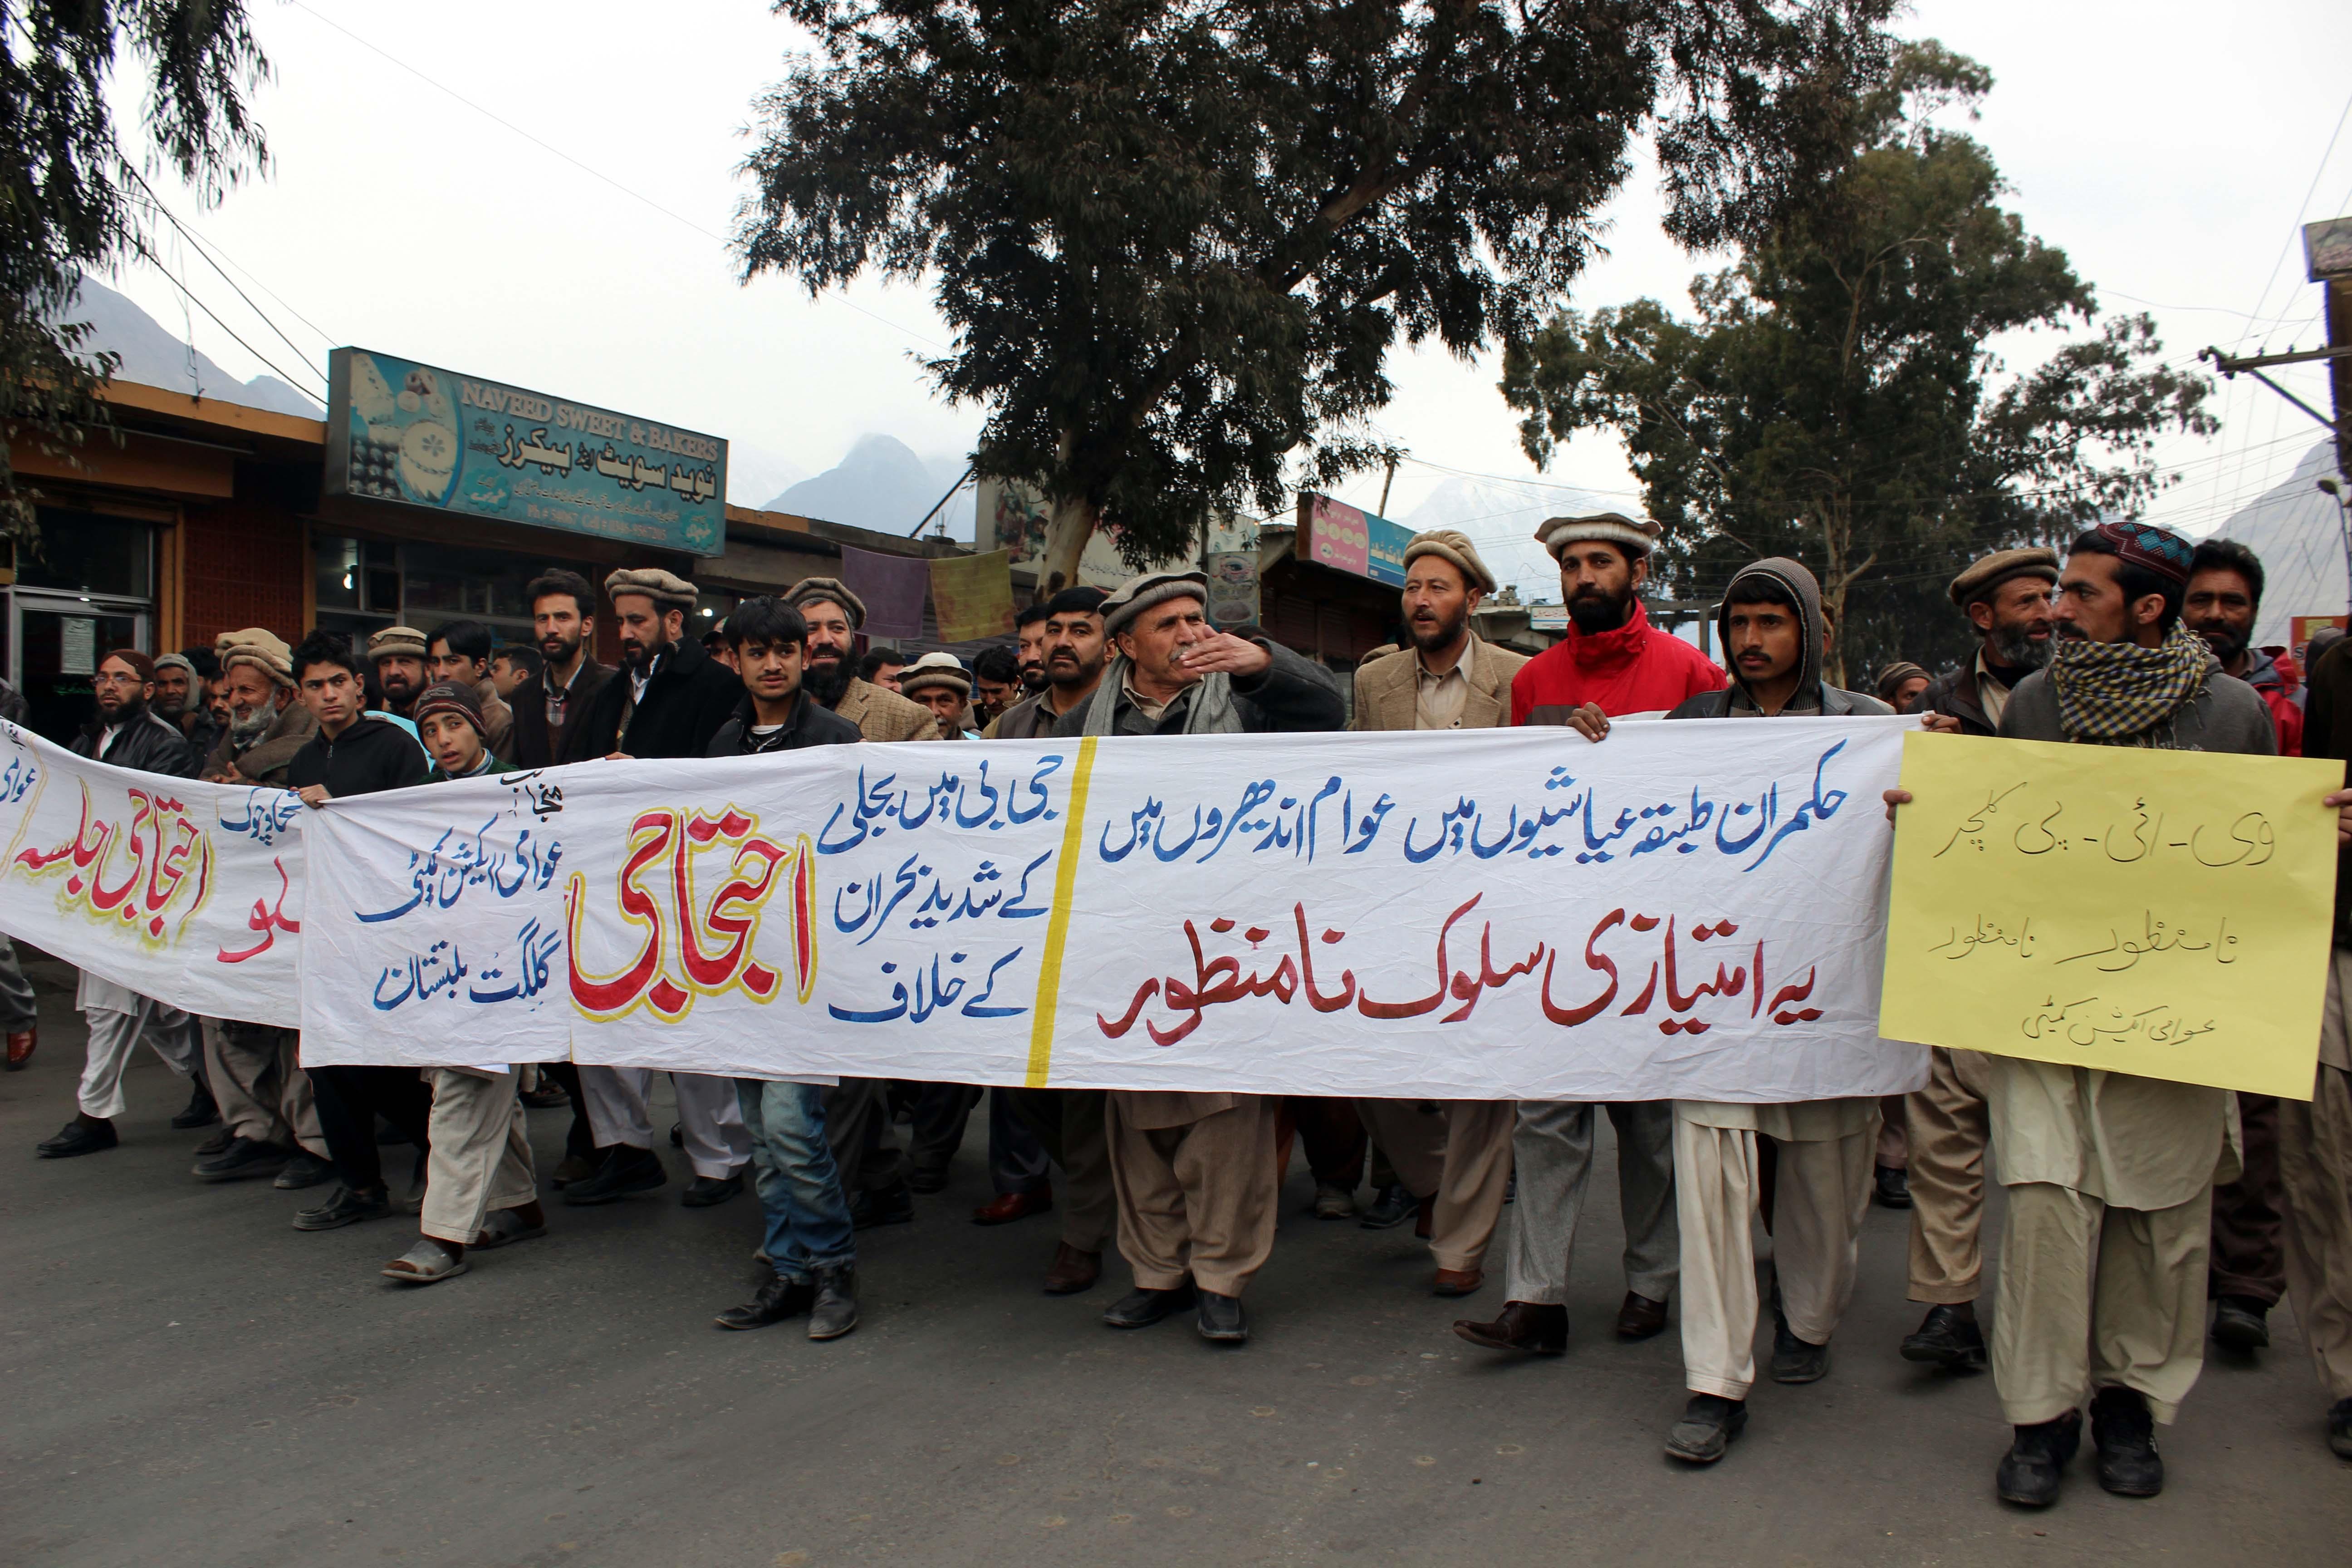 بجلی بحران کے خلاف گلگت میں ہڑتال، احتجاجی مظاہرہ